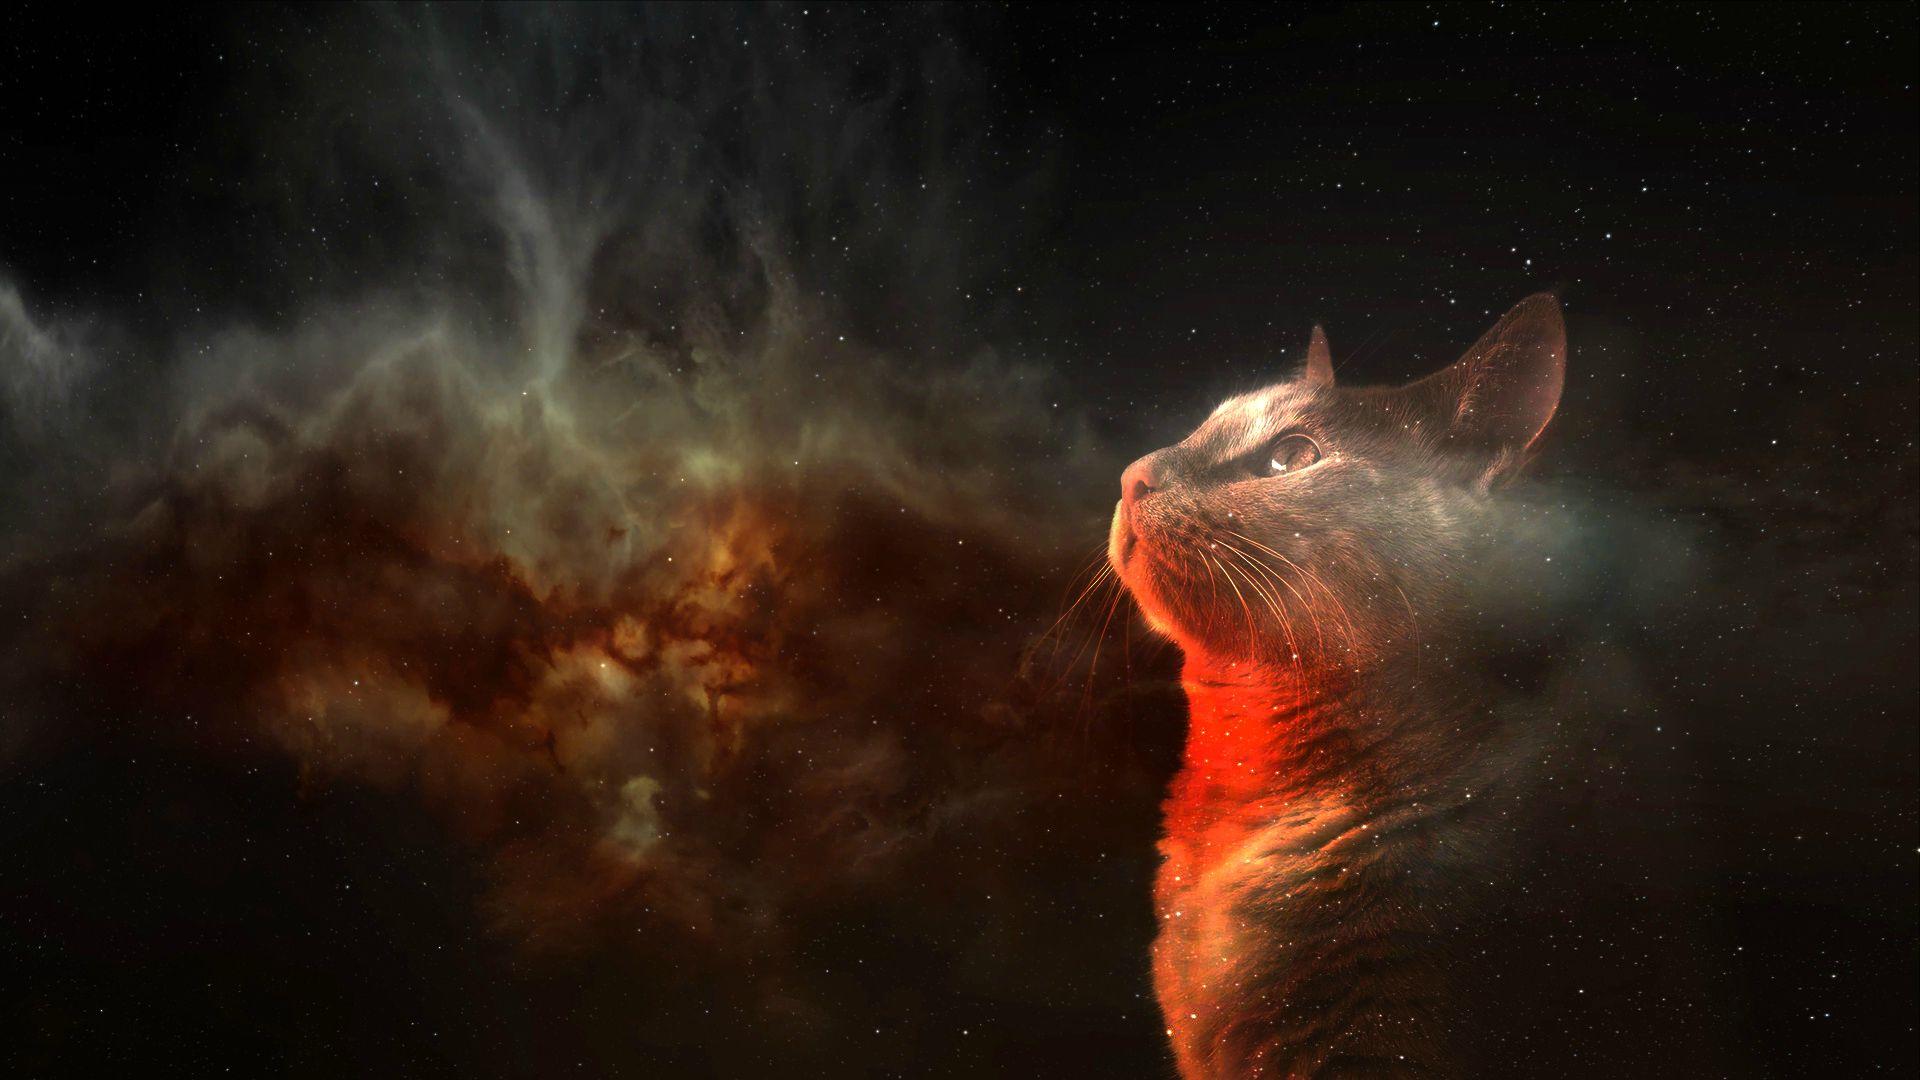 Cat Space Digital Art Animals